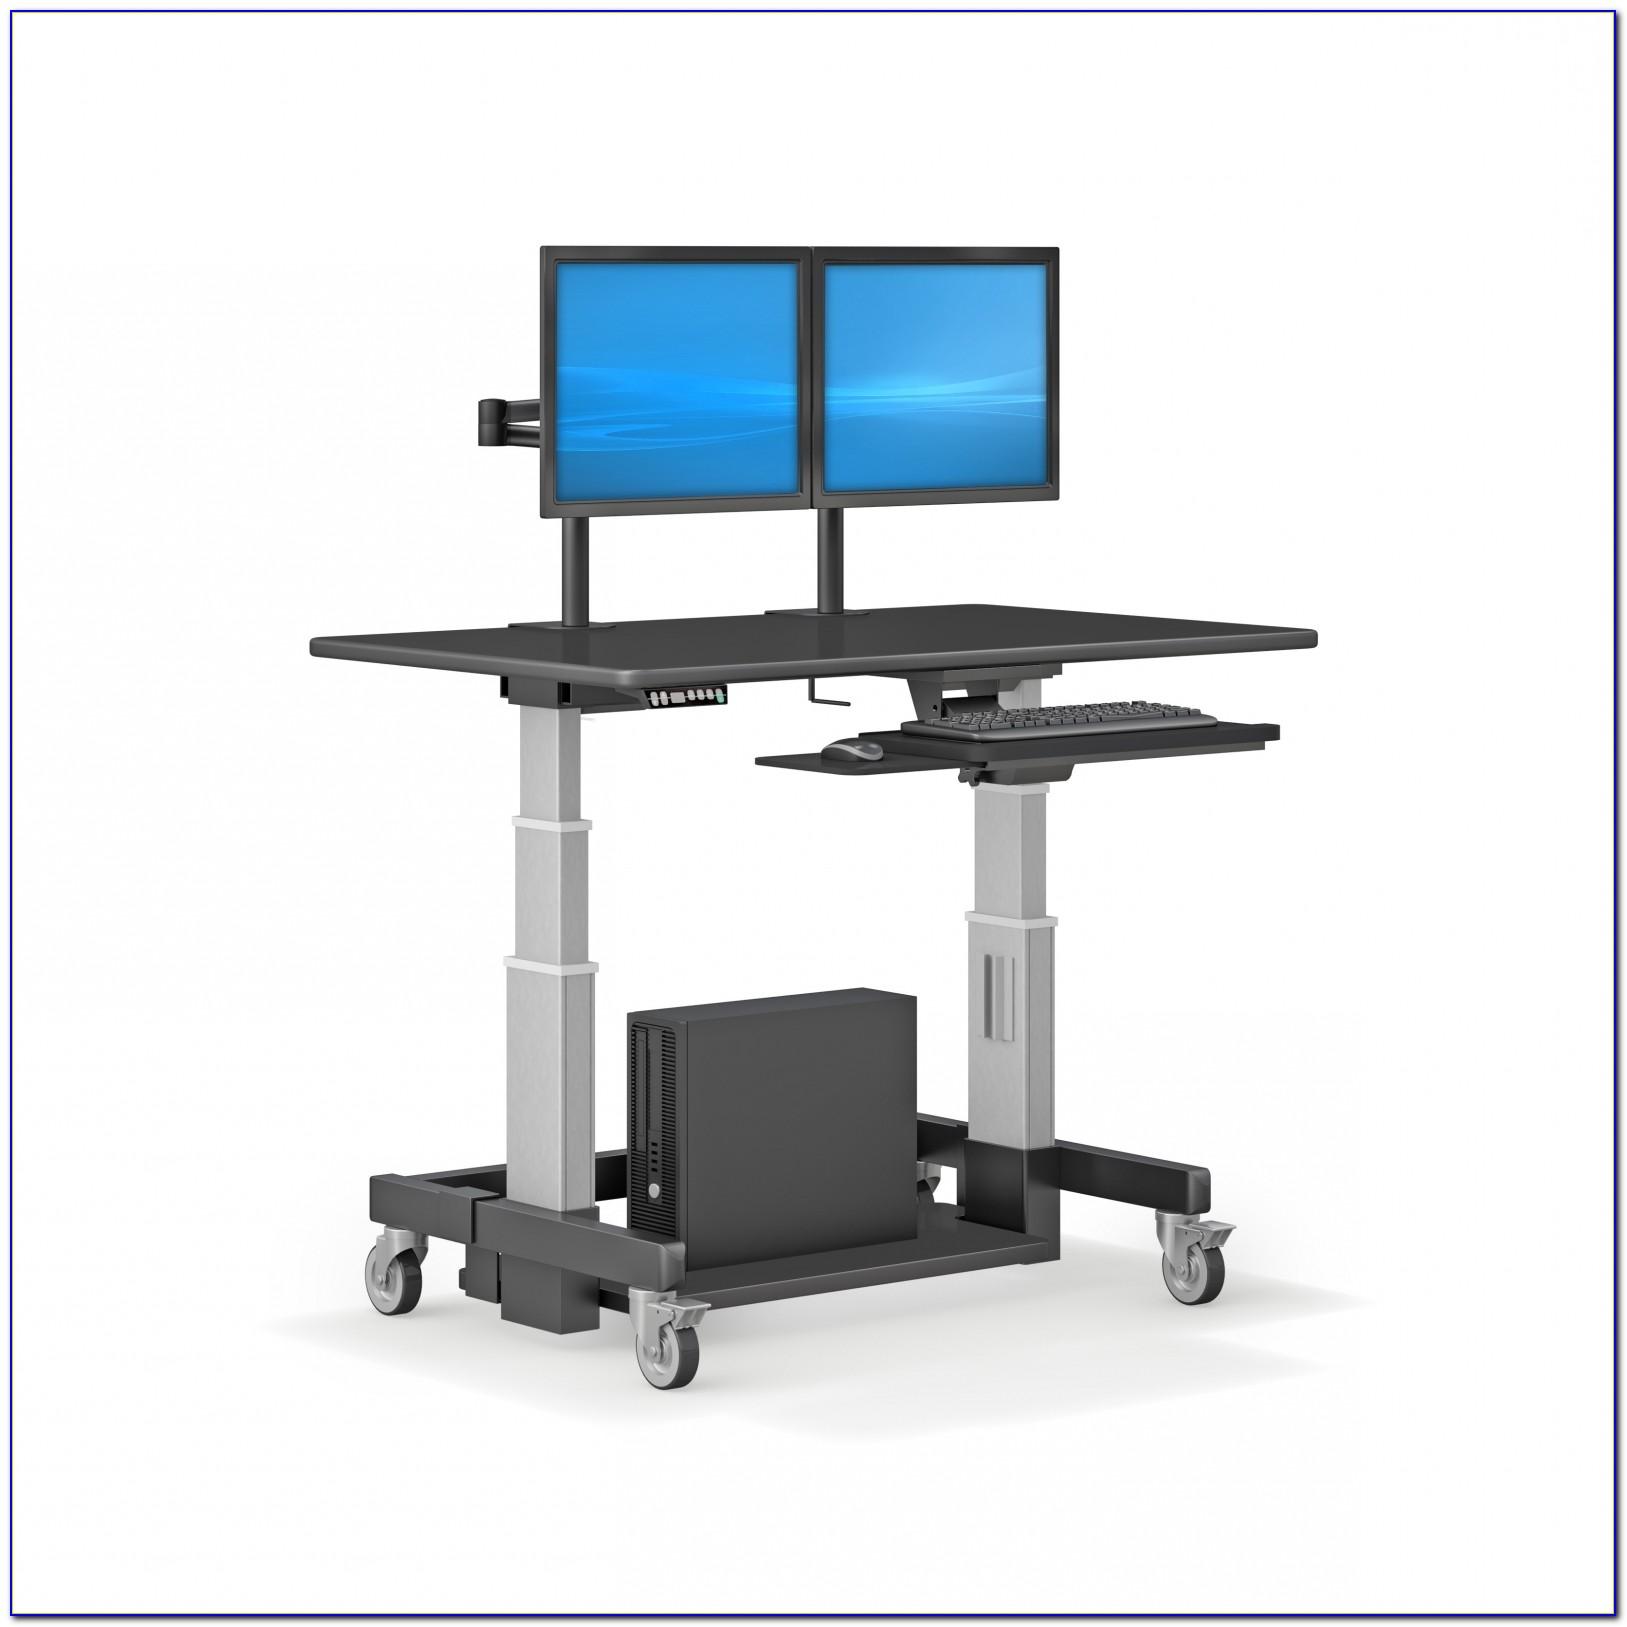 Hopco Height Adjustable Mobile Tower Computer Workstation Desk